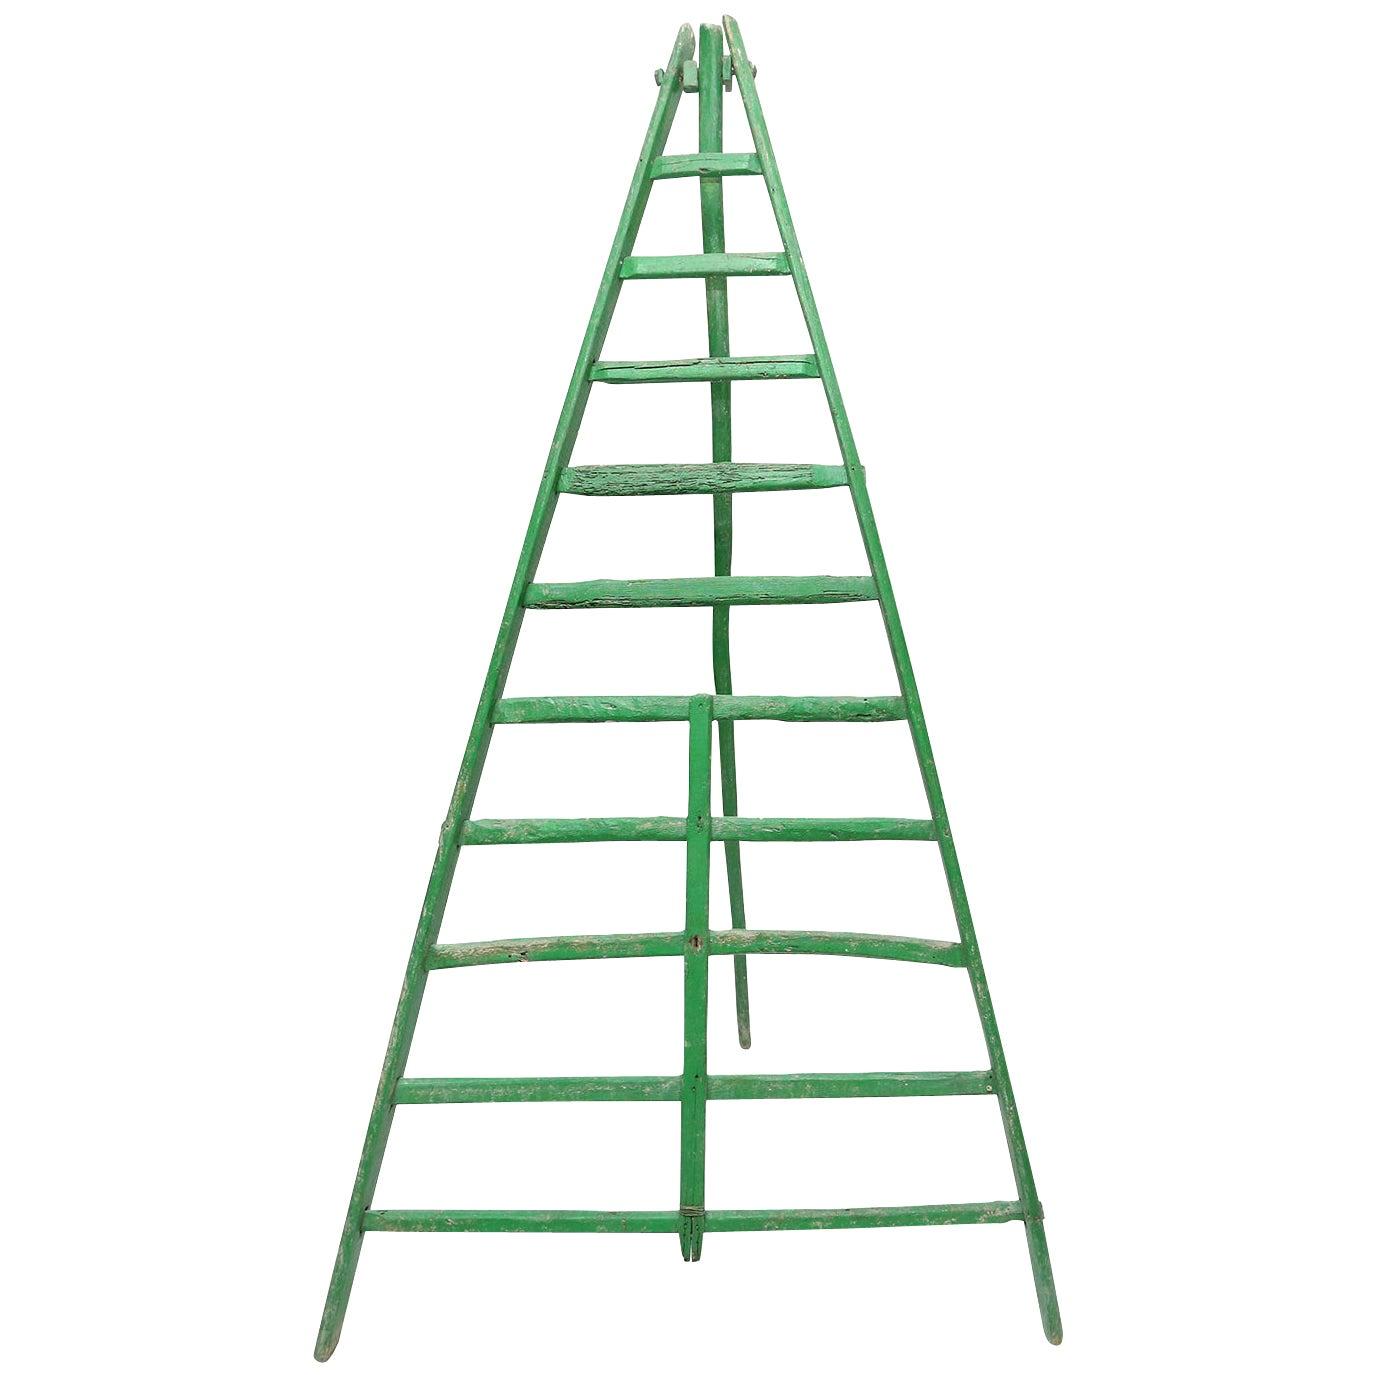 Rustic Green Fruit Picking Ladder